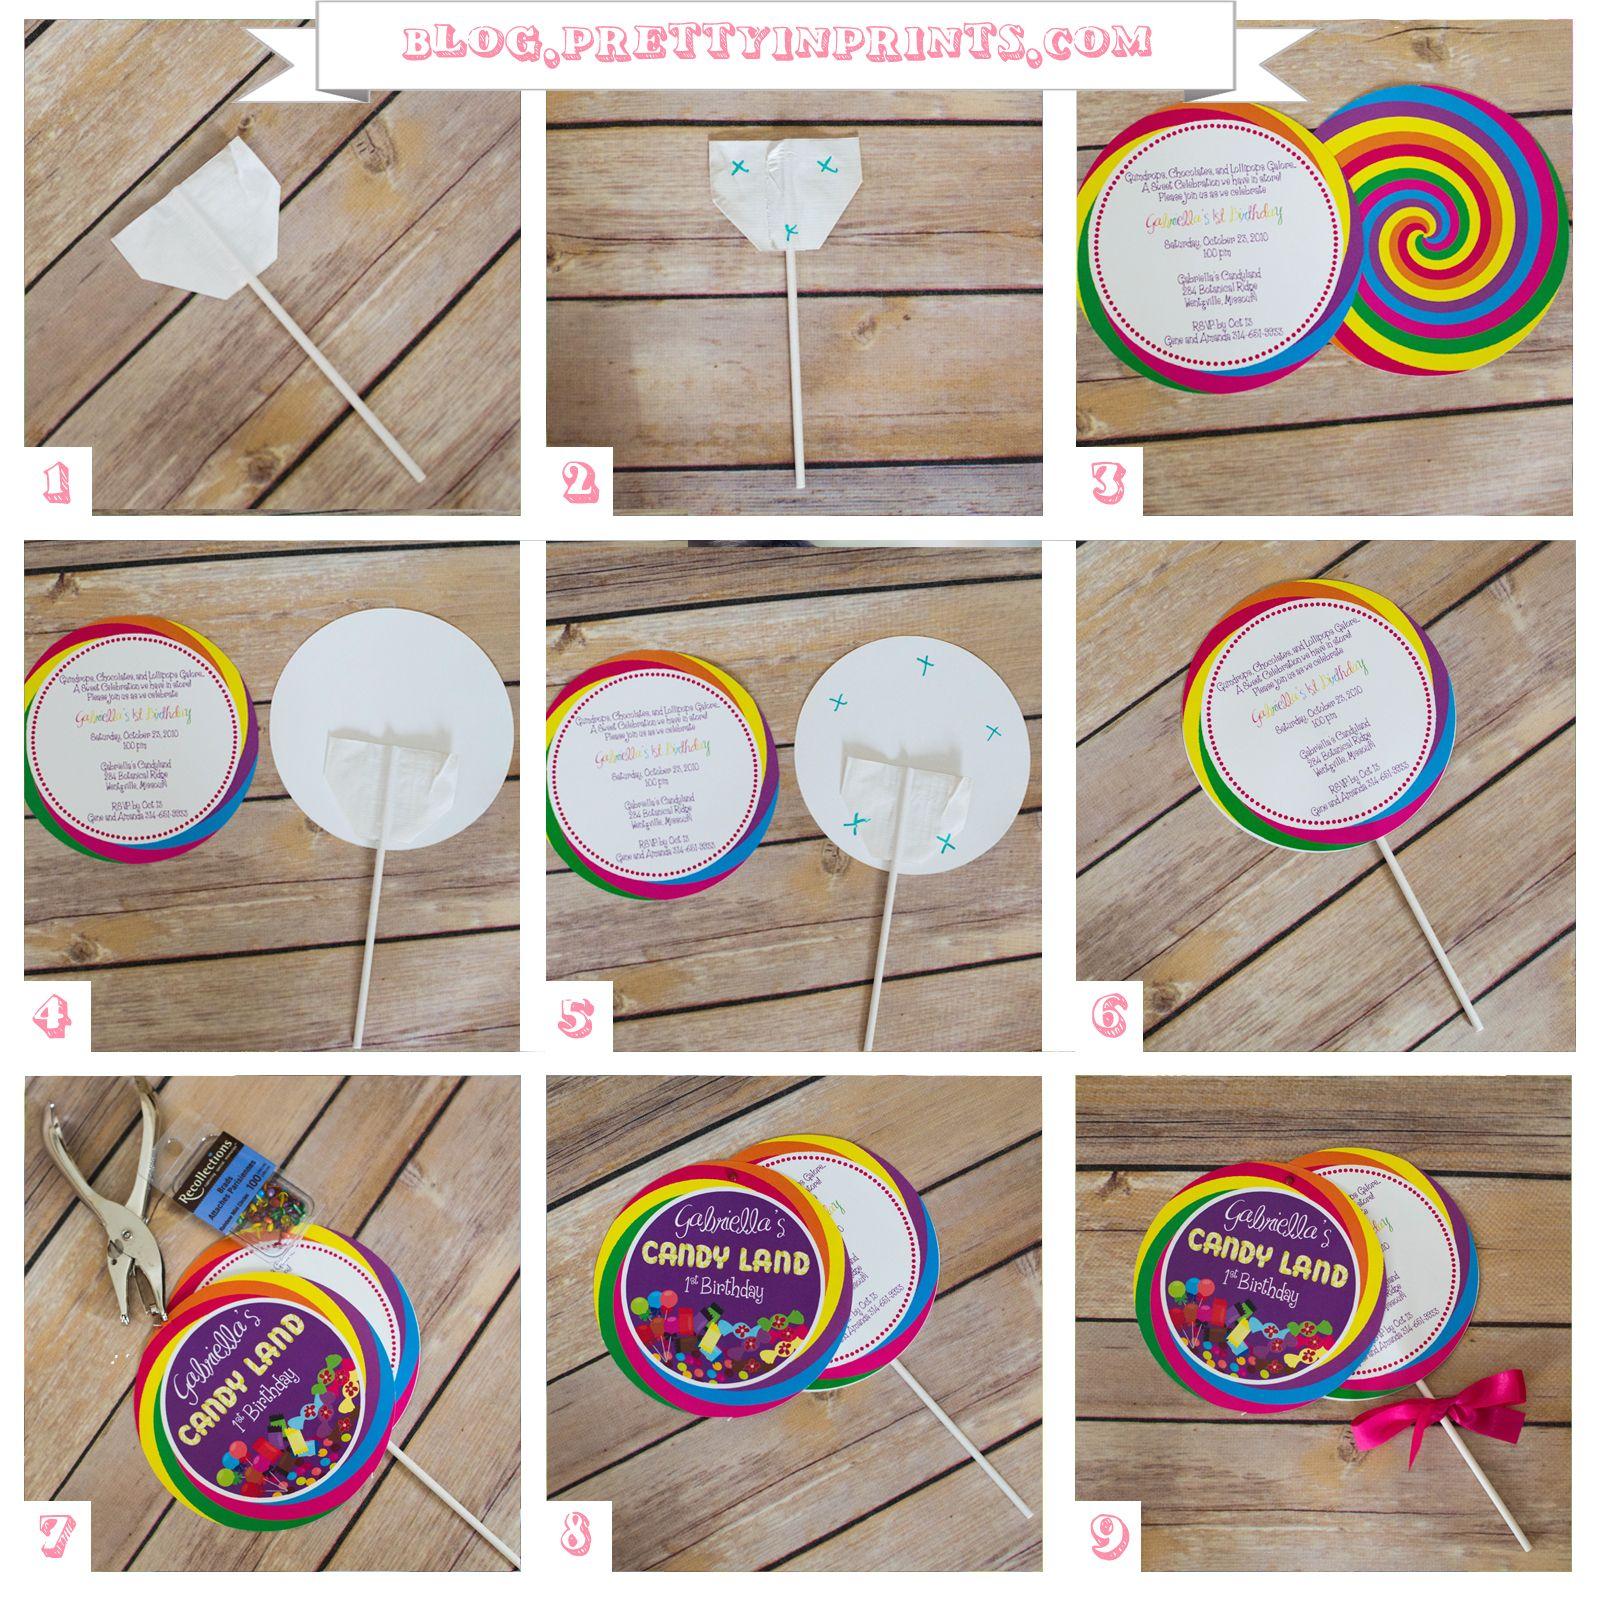 How To Make A Lollipop Invitation | Invitaciones para fiestas ...